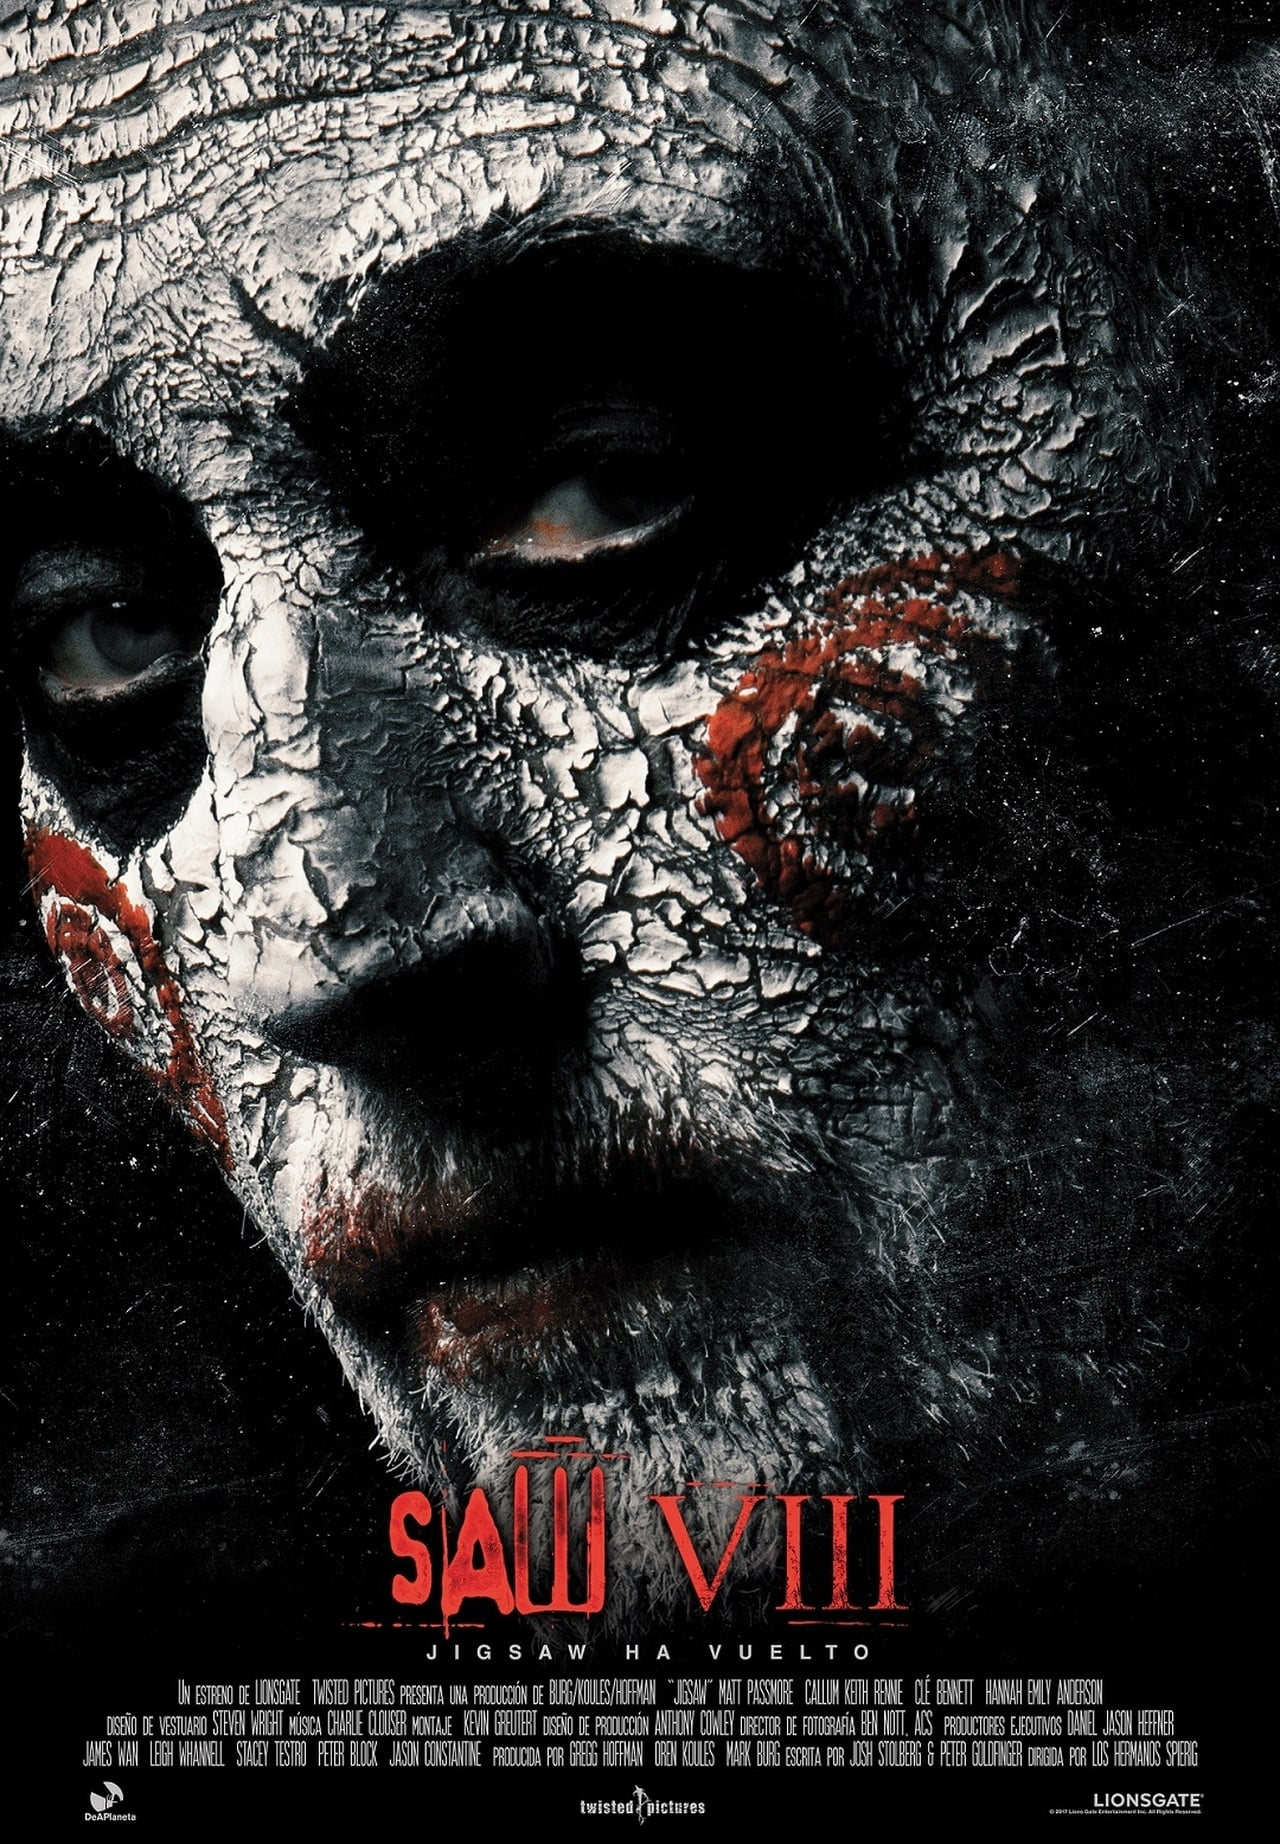 Saw VIII (Jigsaw)